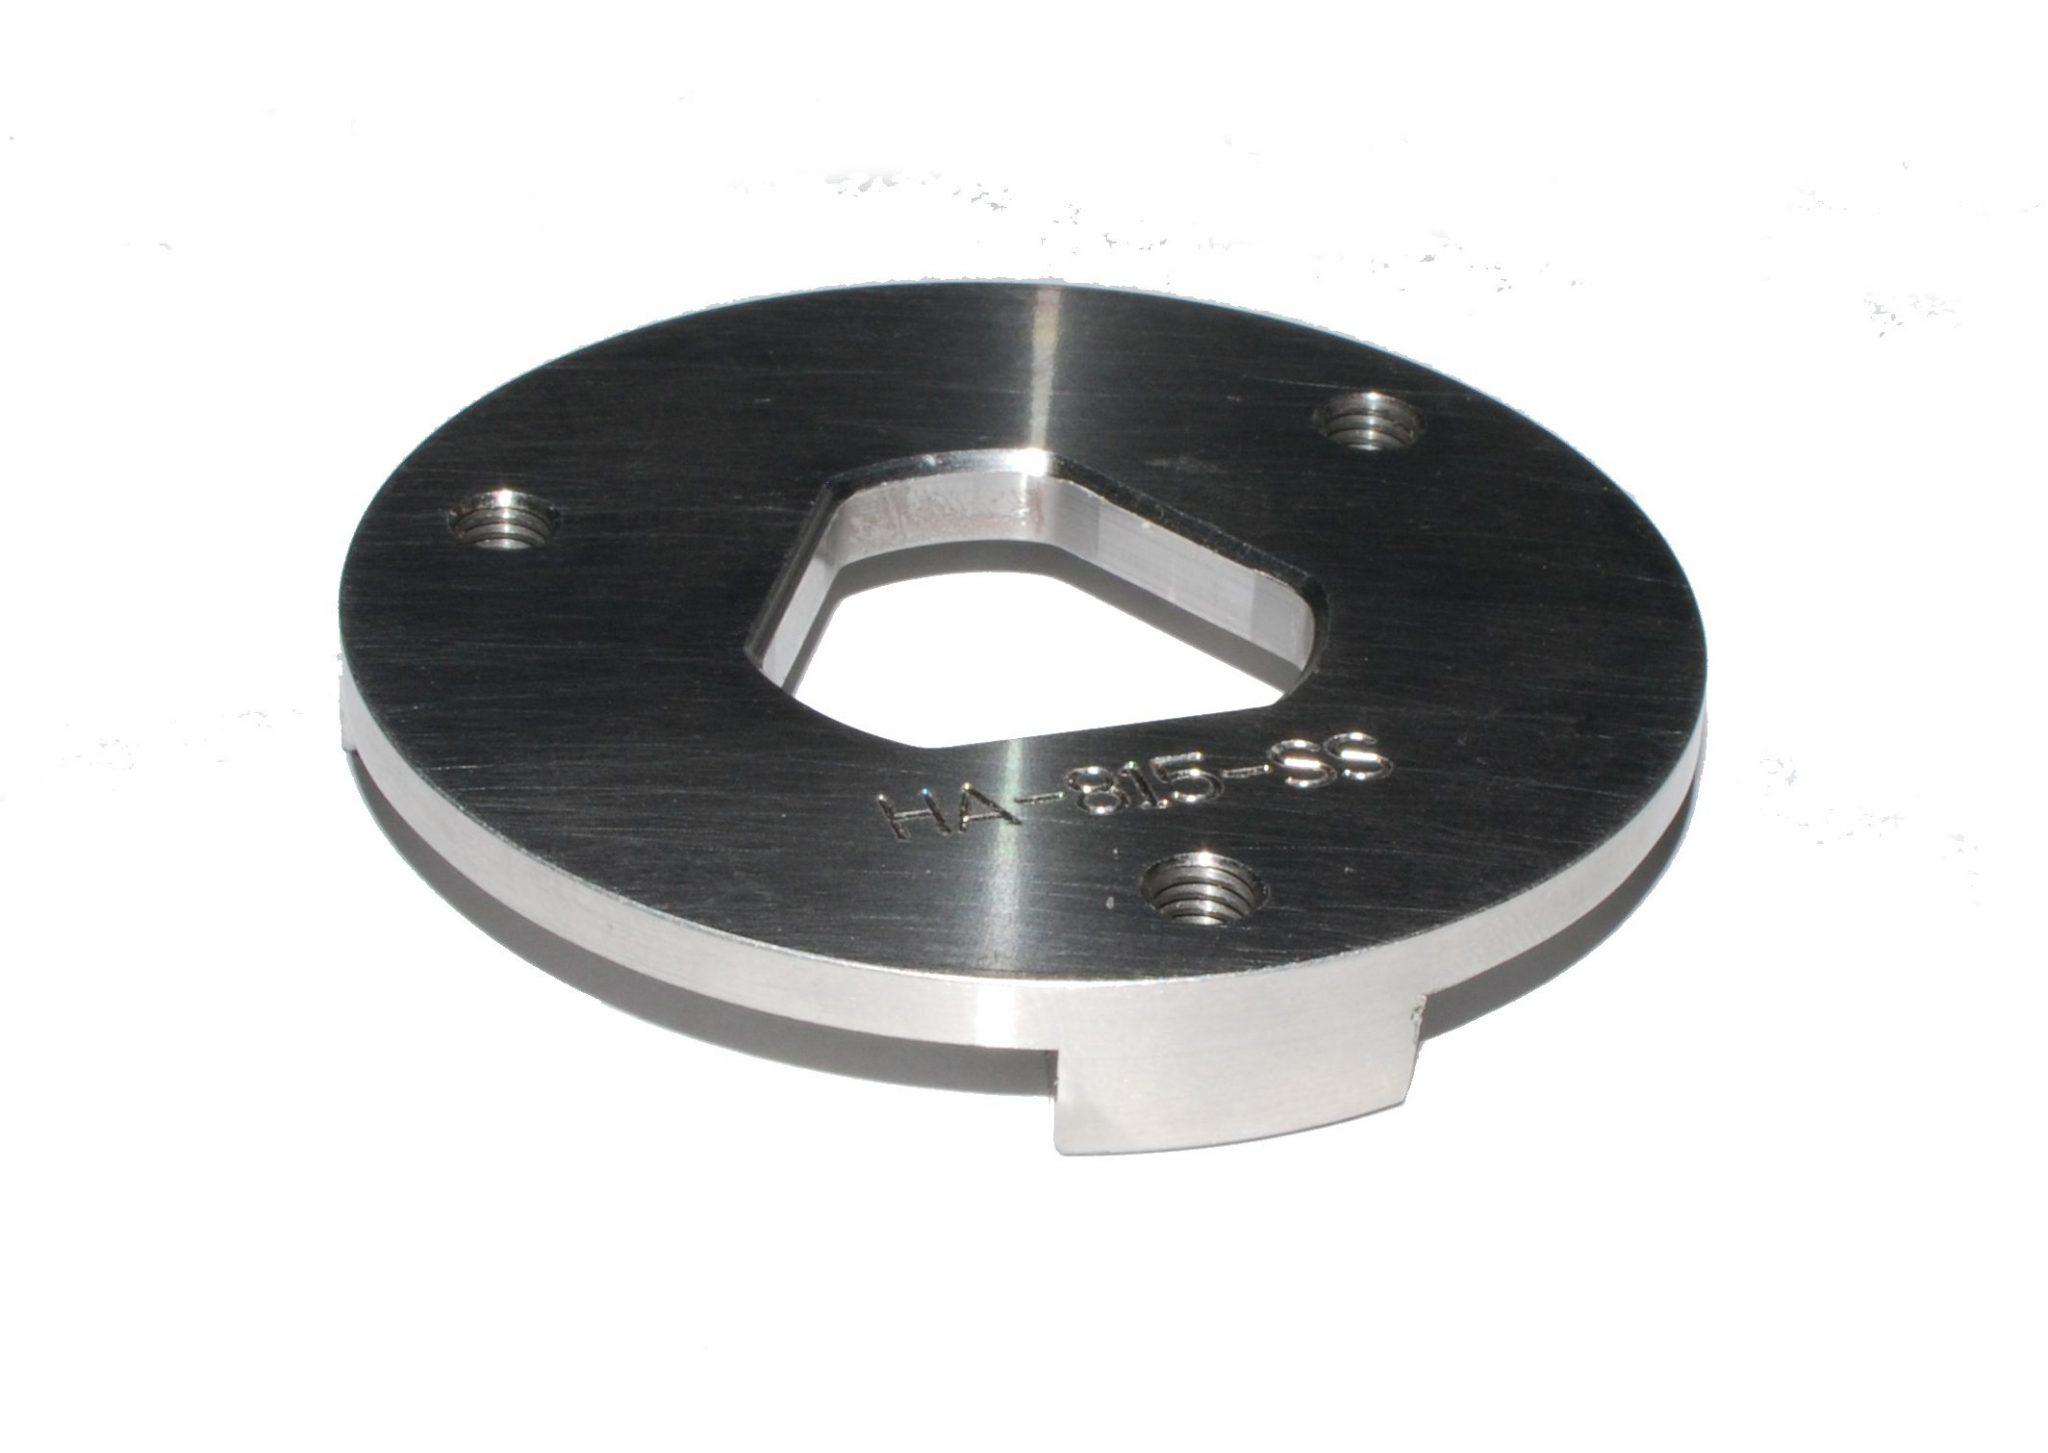 cues 8-15 in inner style hub adapters buy parts online